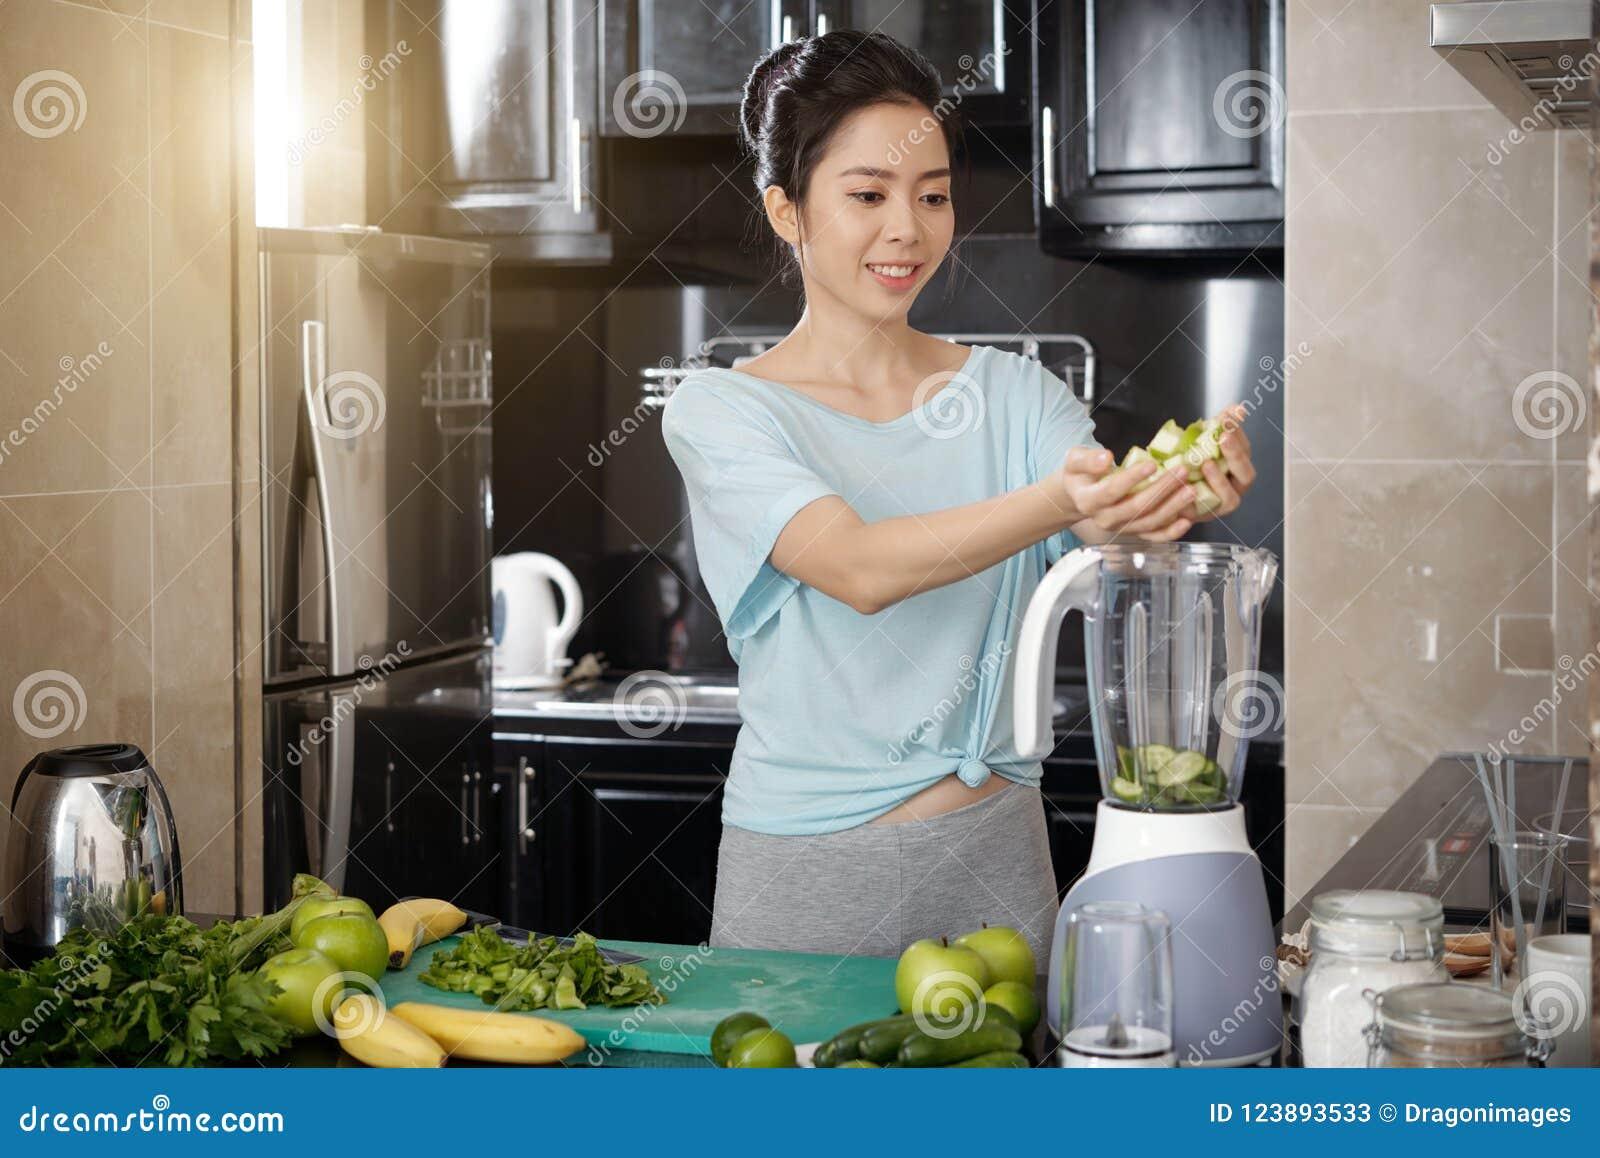 Mulher asiática que põe frutos no misturador